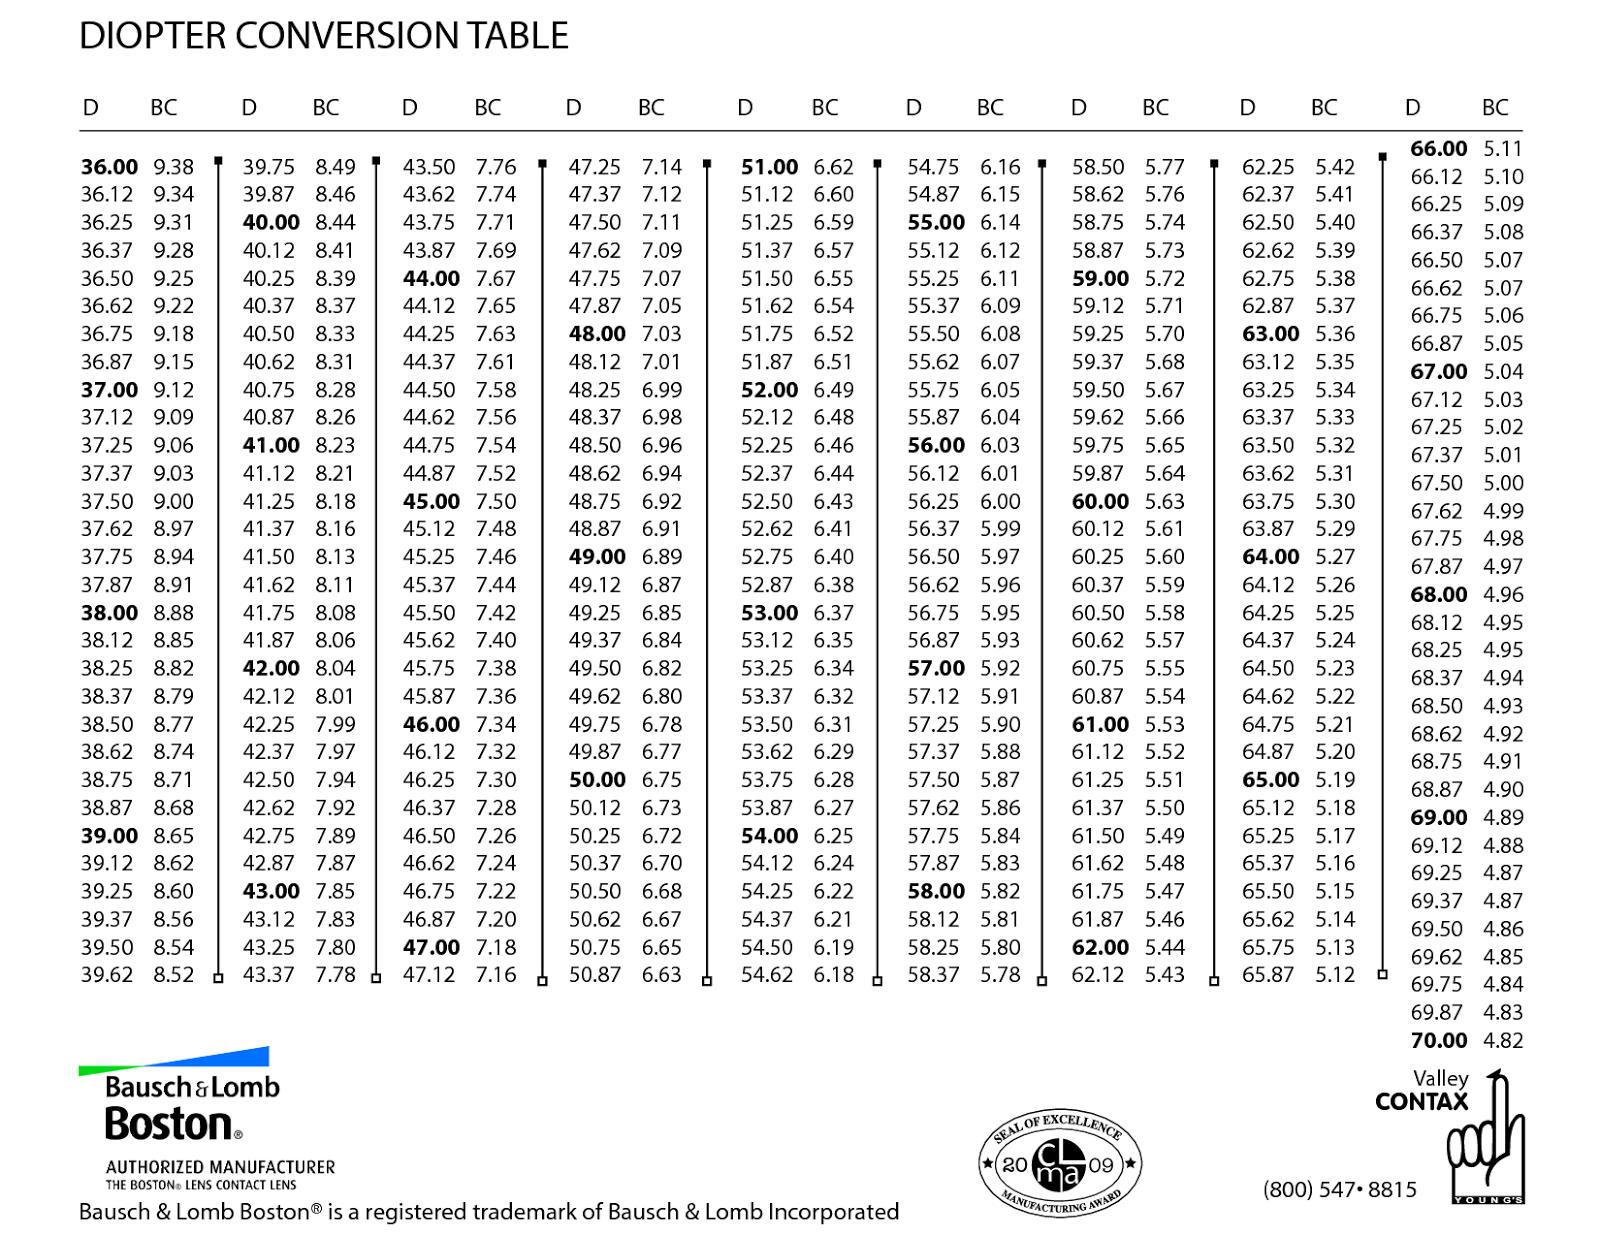 19 Unique Glasses to Contacts Conversion Calculator